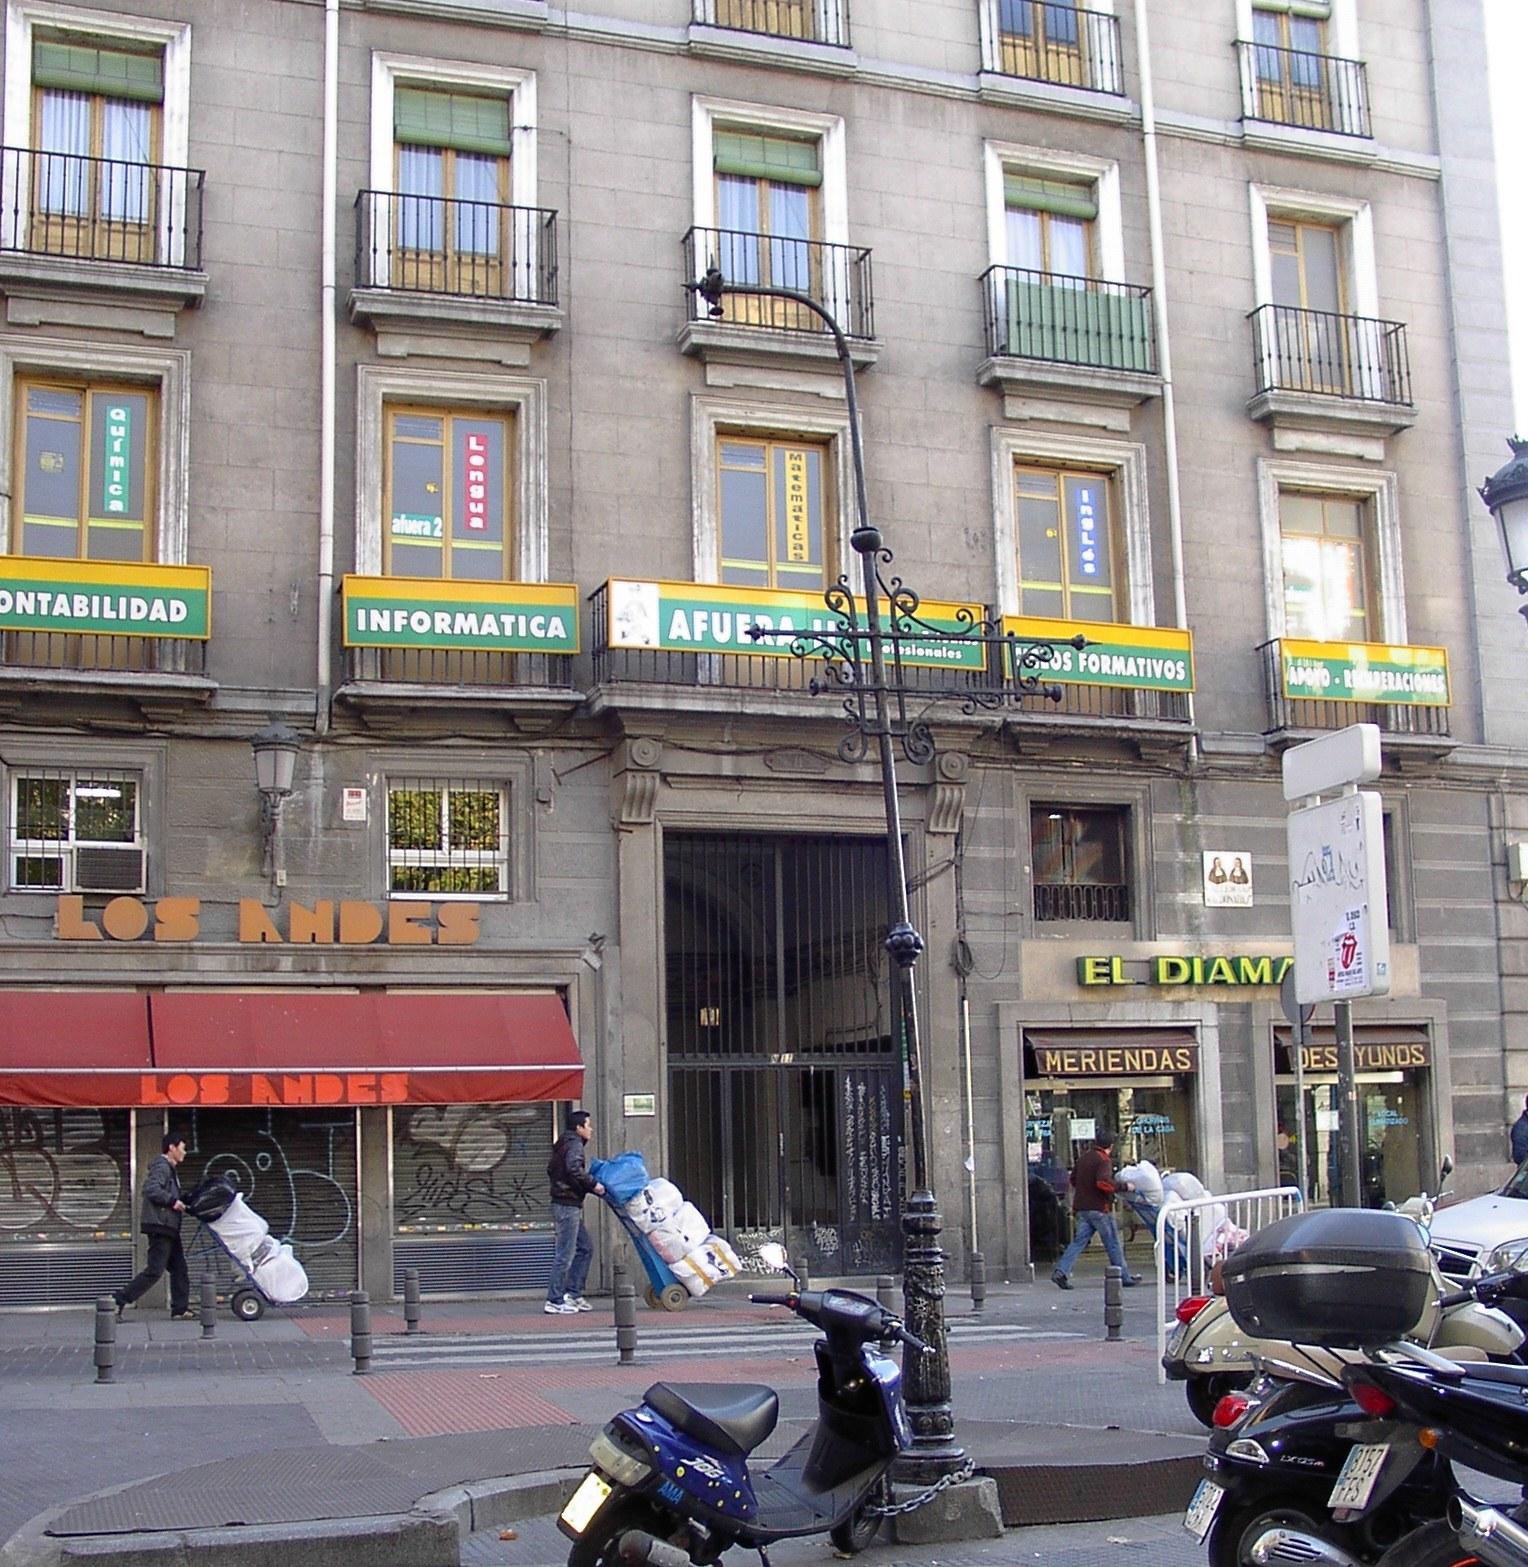 Antiguos caf s de madrid y otras cosas de la villa 08 01 - H m calle orense madrid ...